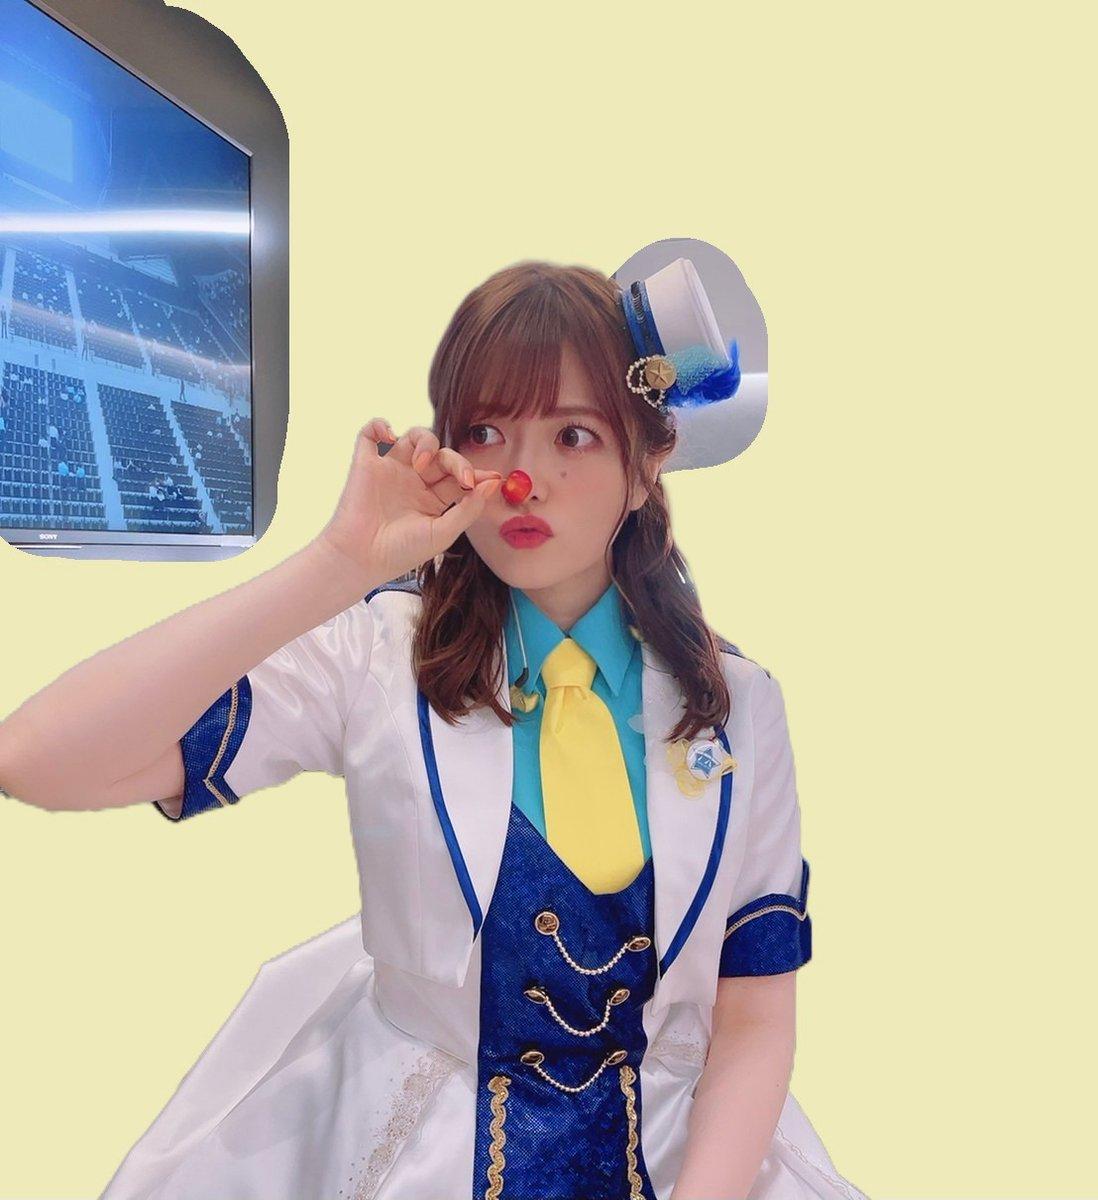 加護亜依 加隈亜衣ちゃん プリキュア 妖精 甘ブリに関連した画像-02